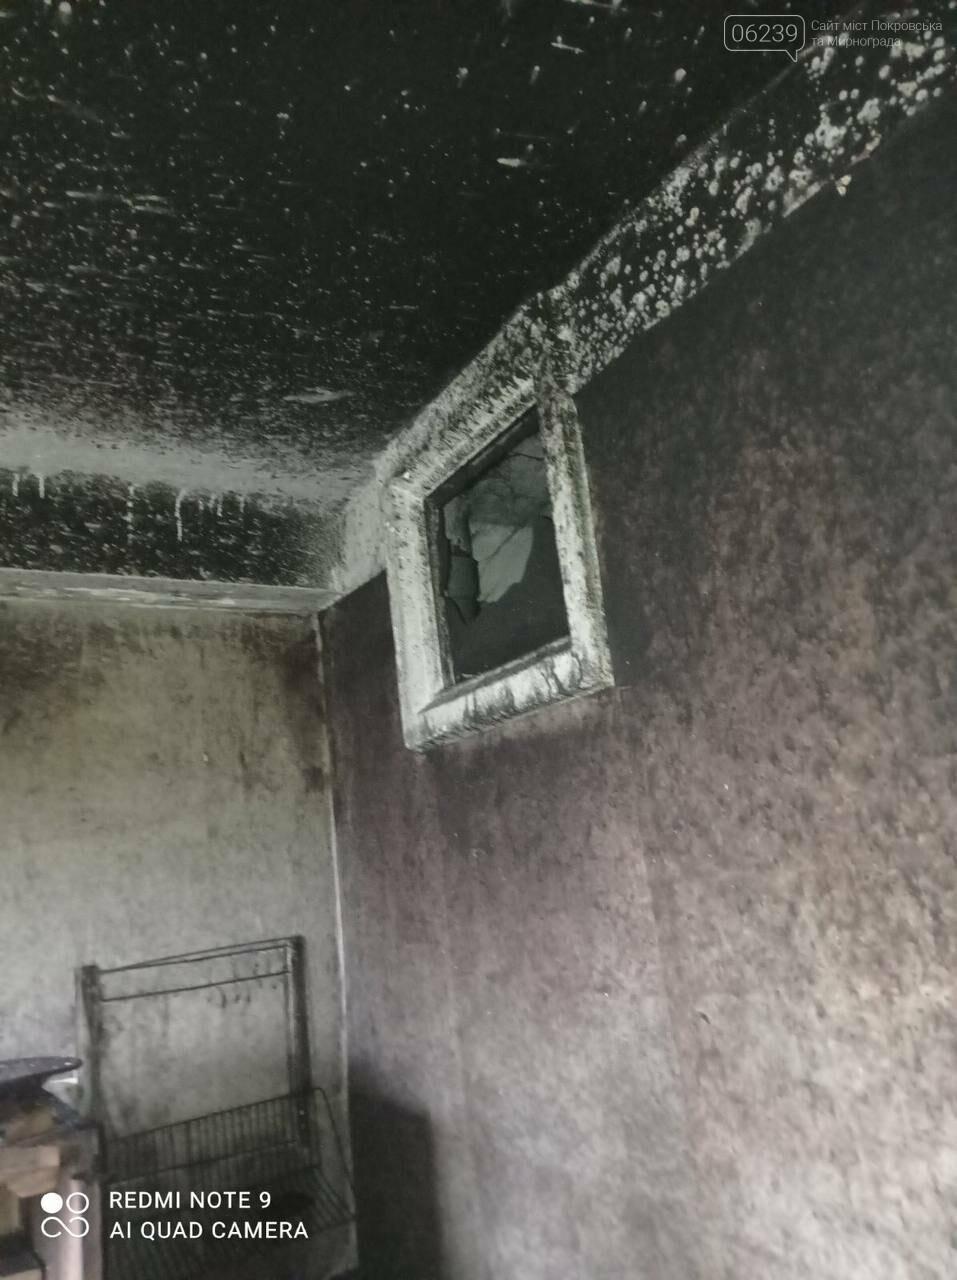 В Покровске сирота после пожара остался без жилья: важна любая помощь, фото-2